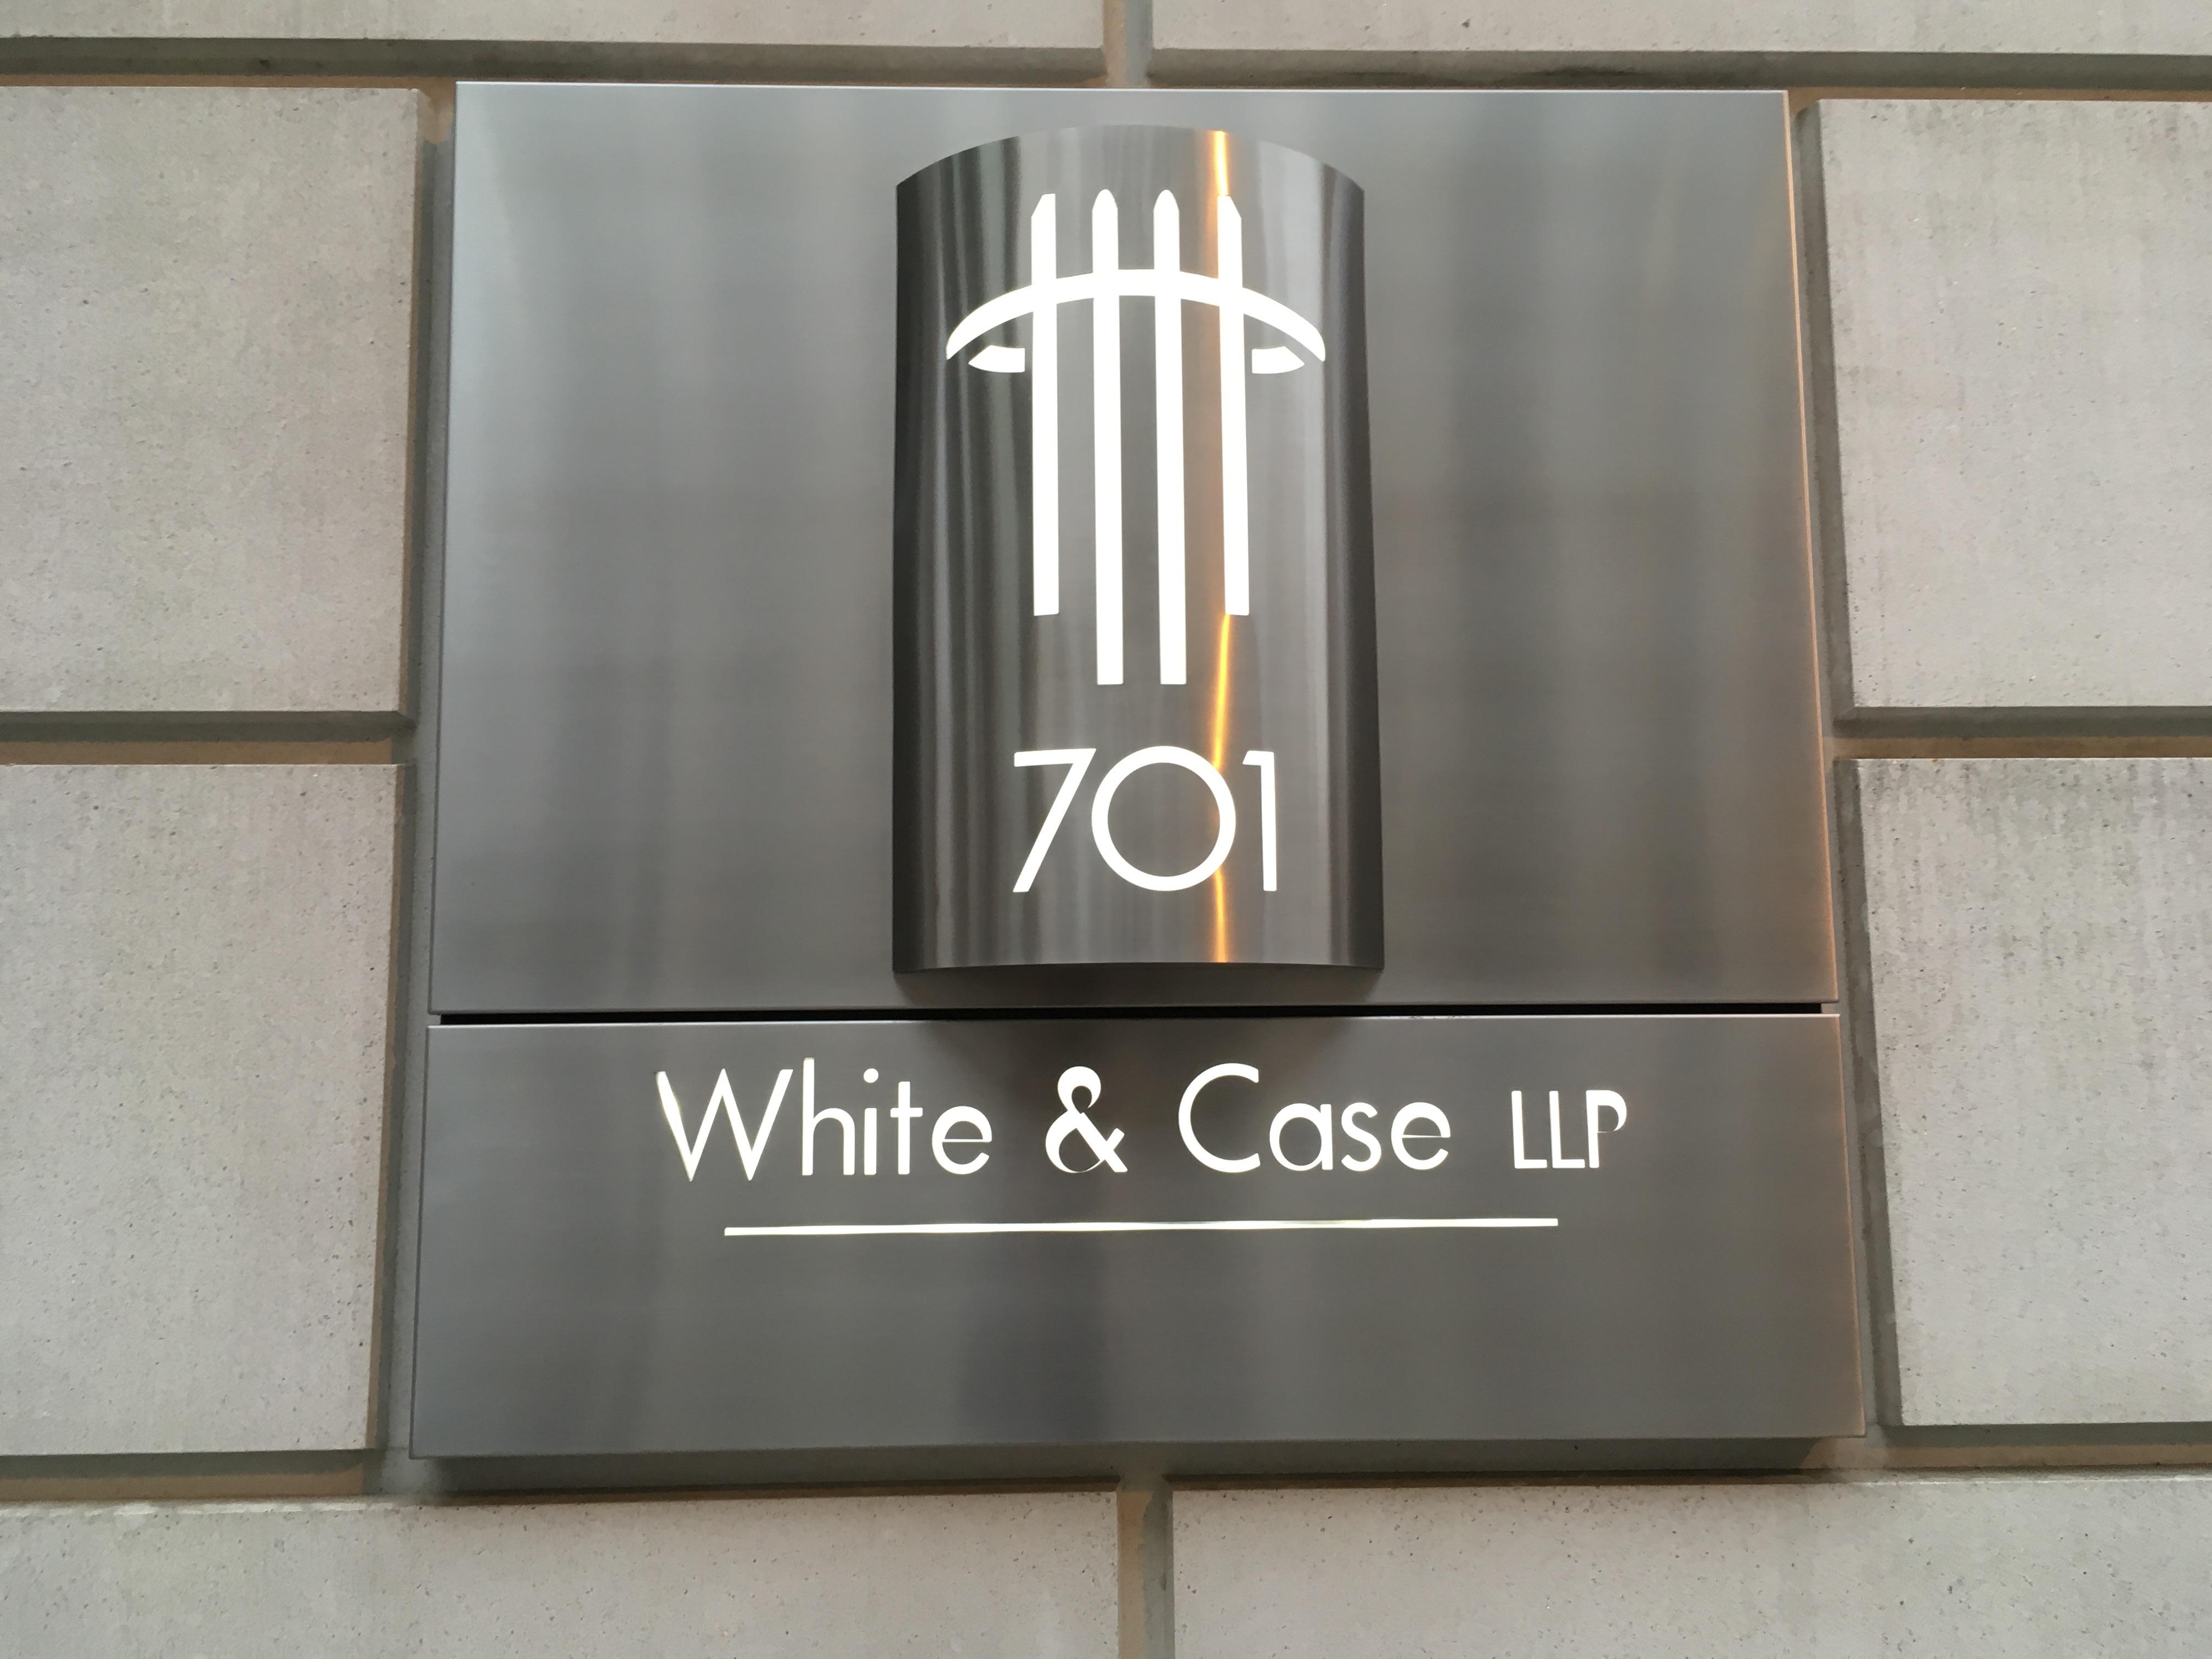 White & Case - Wikipedia